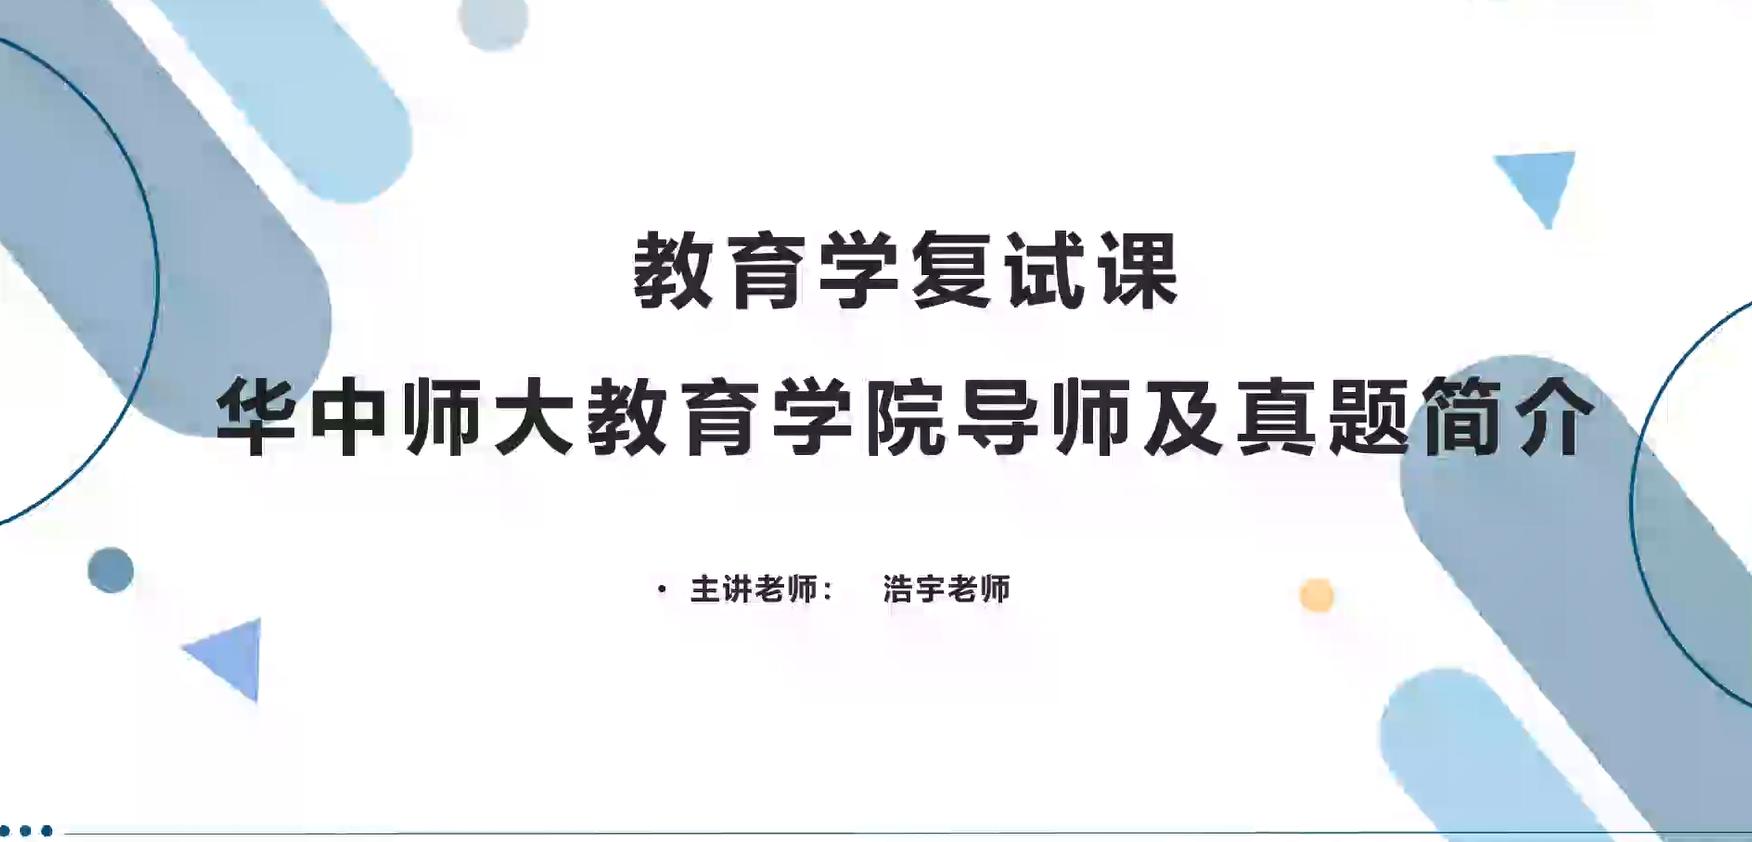 2021教育学考研之华中师大教育学院导师及真题简介